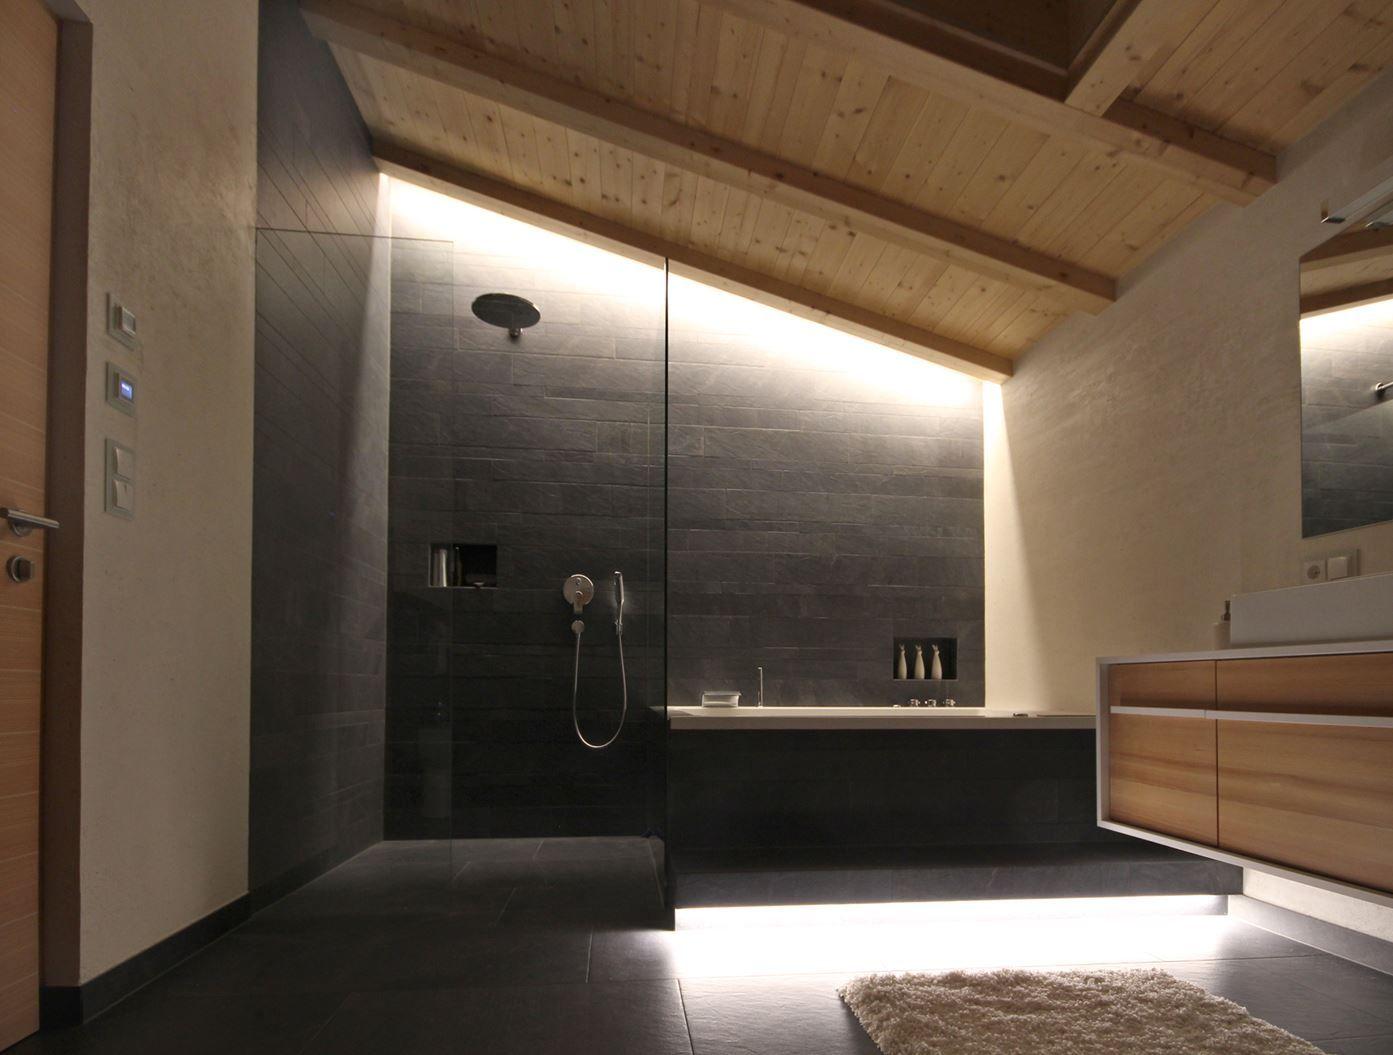 Bagno Montagna ~ Una mansarda in montagna interior ombre spa and